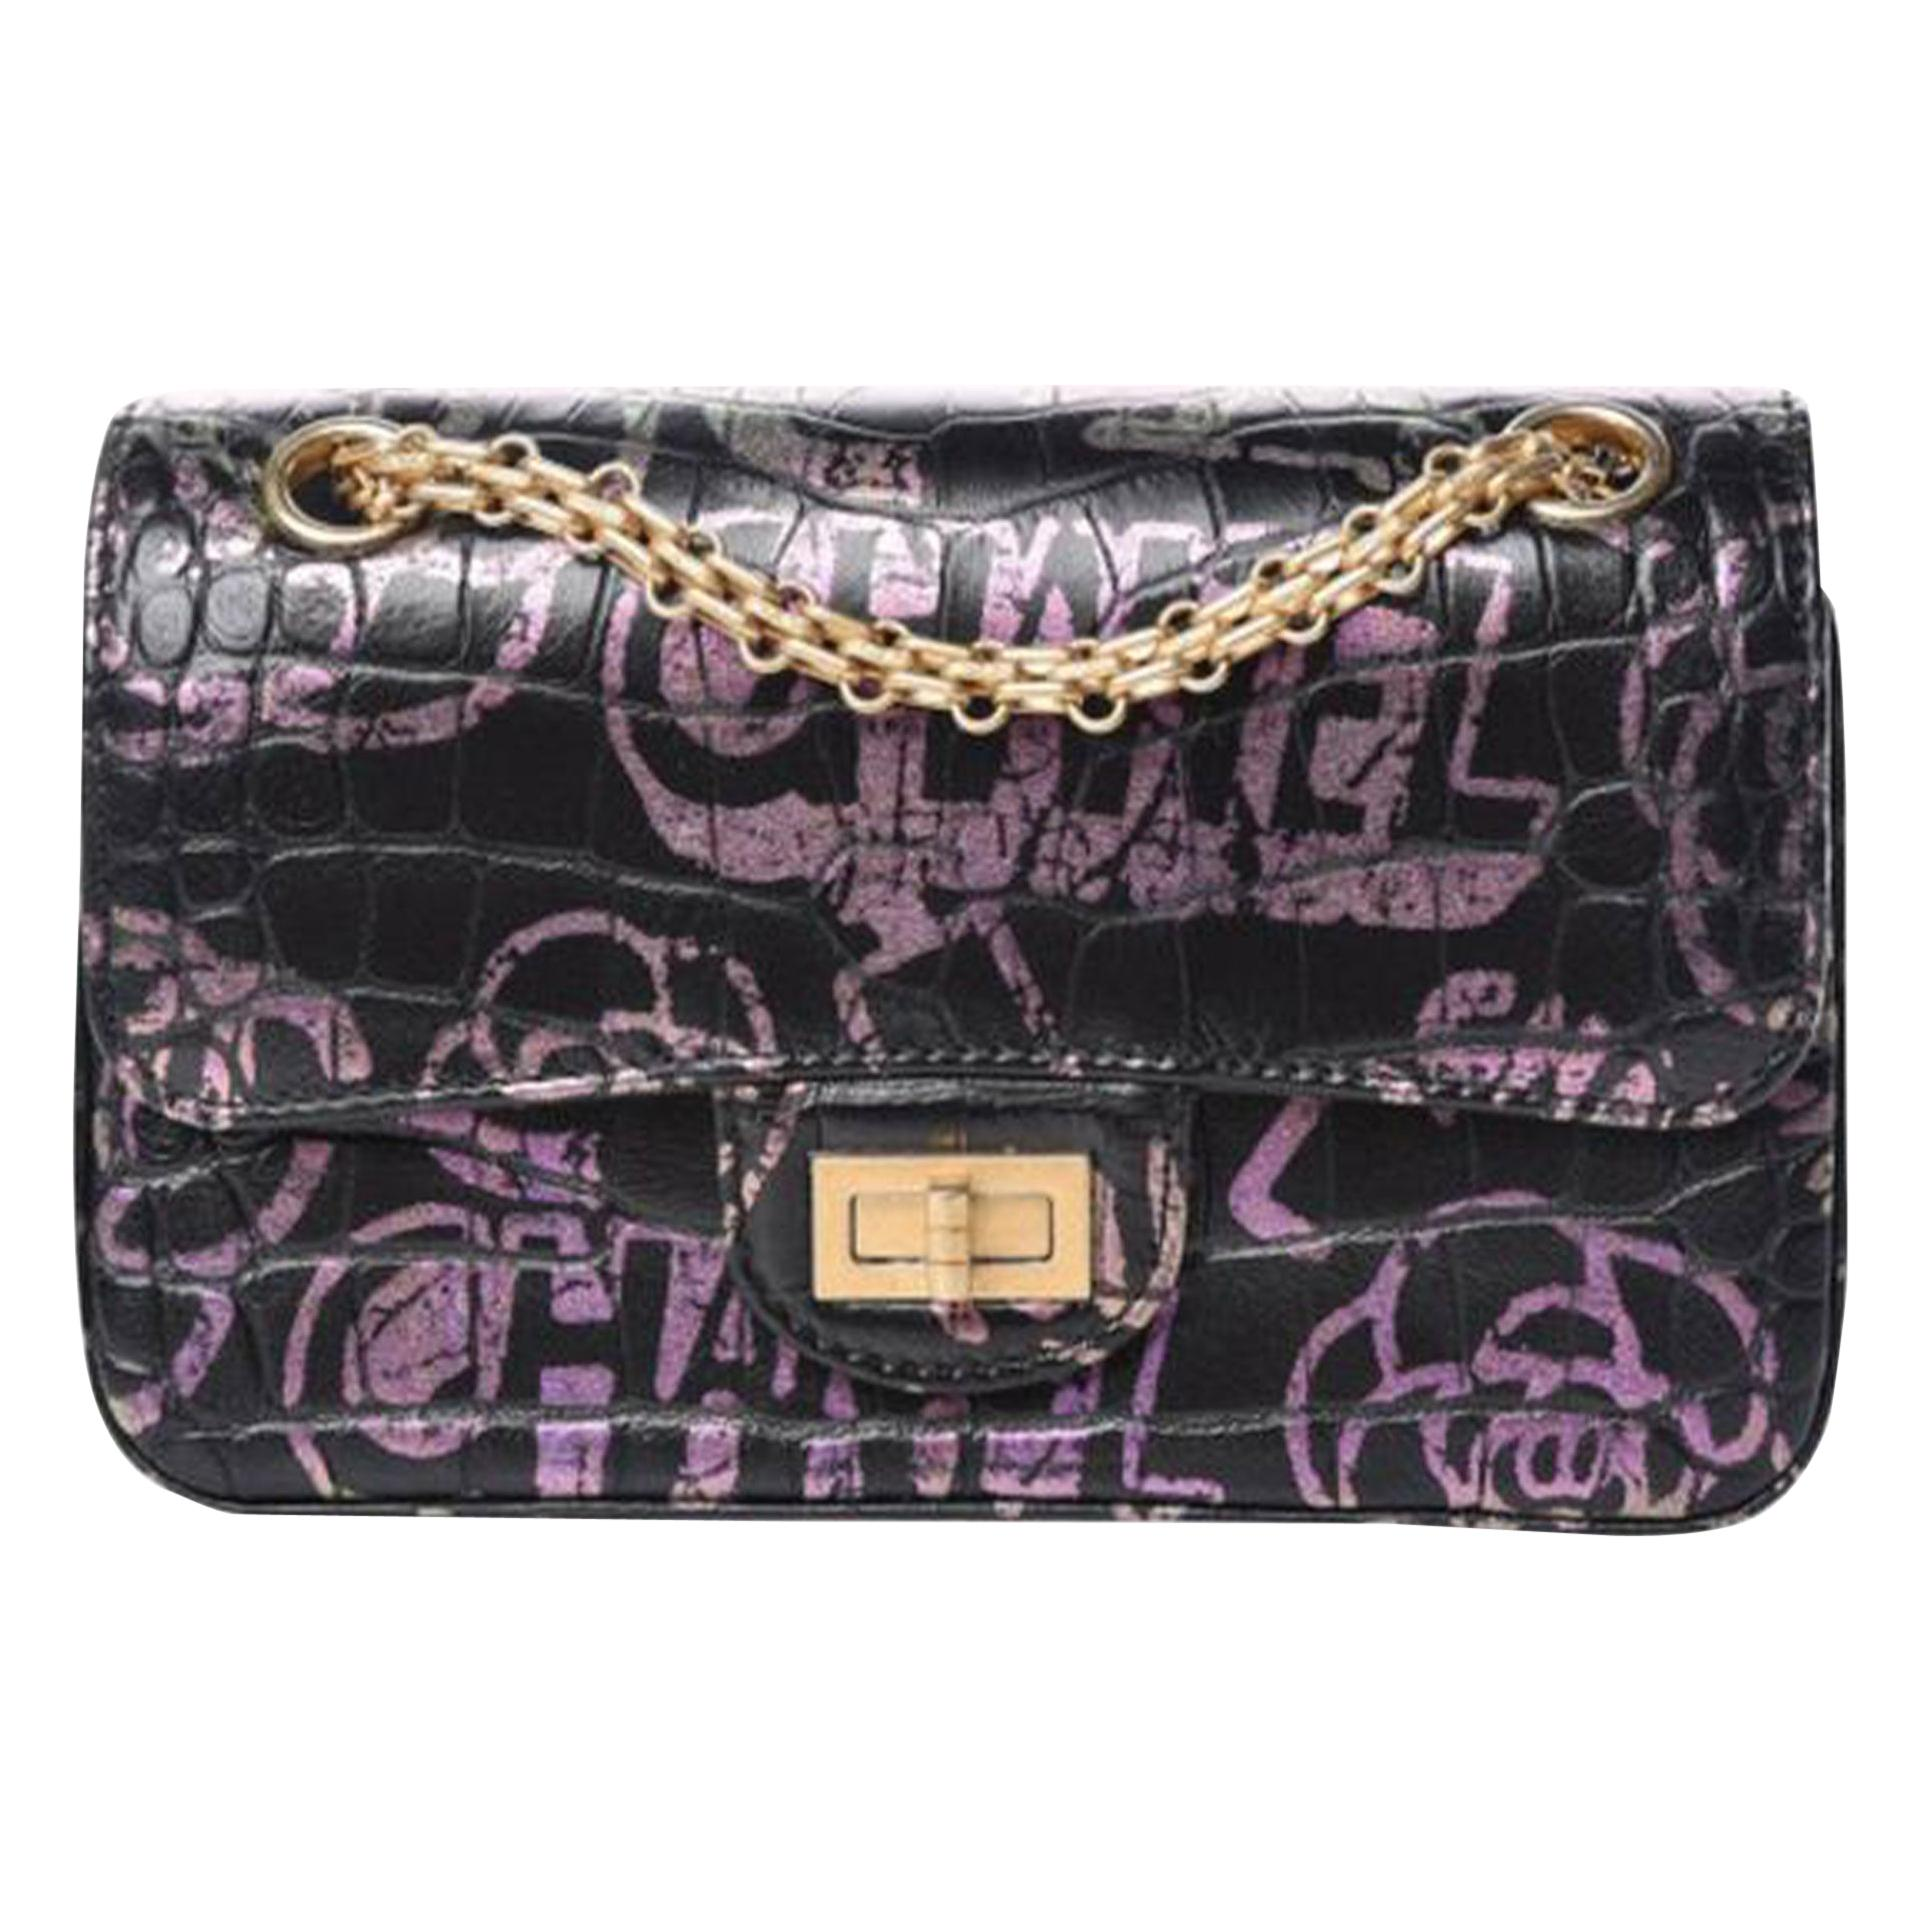 Chanel Classic Flap 2.55 Reissue Graffiti Crocodile Embossed Mini Cocodile Bag